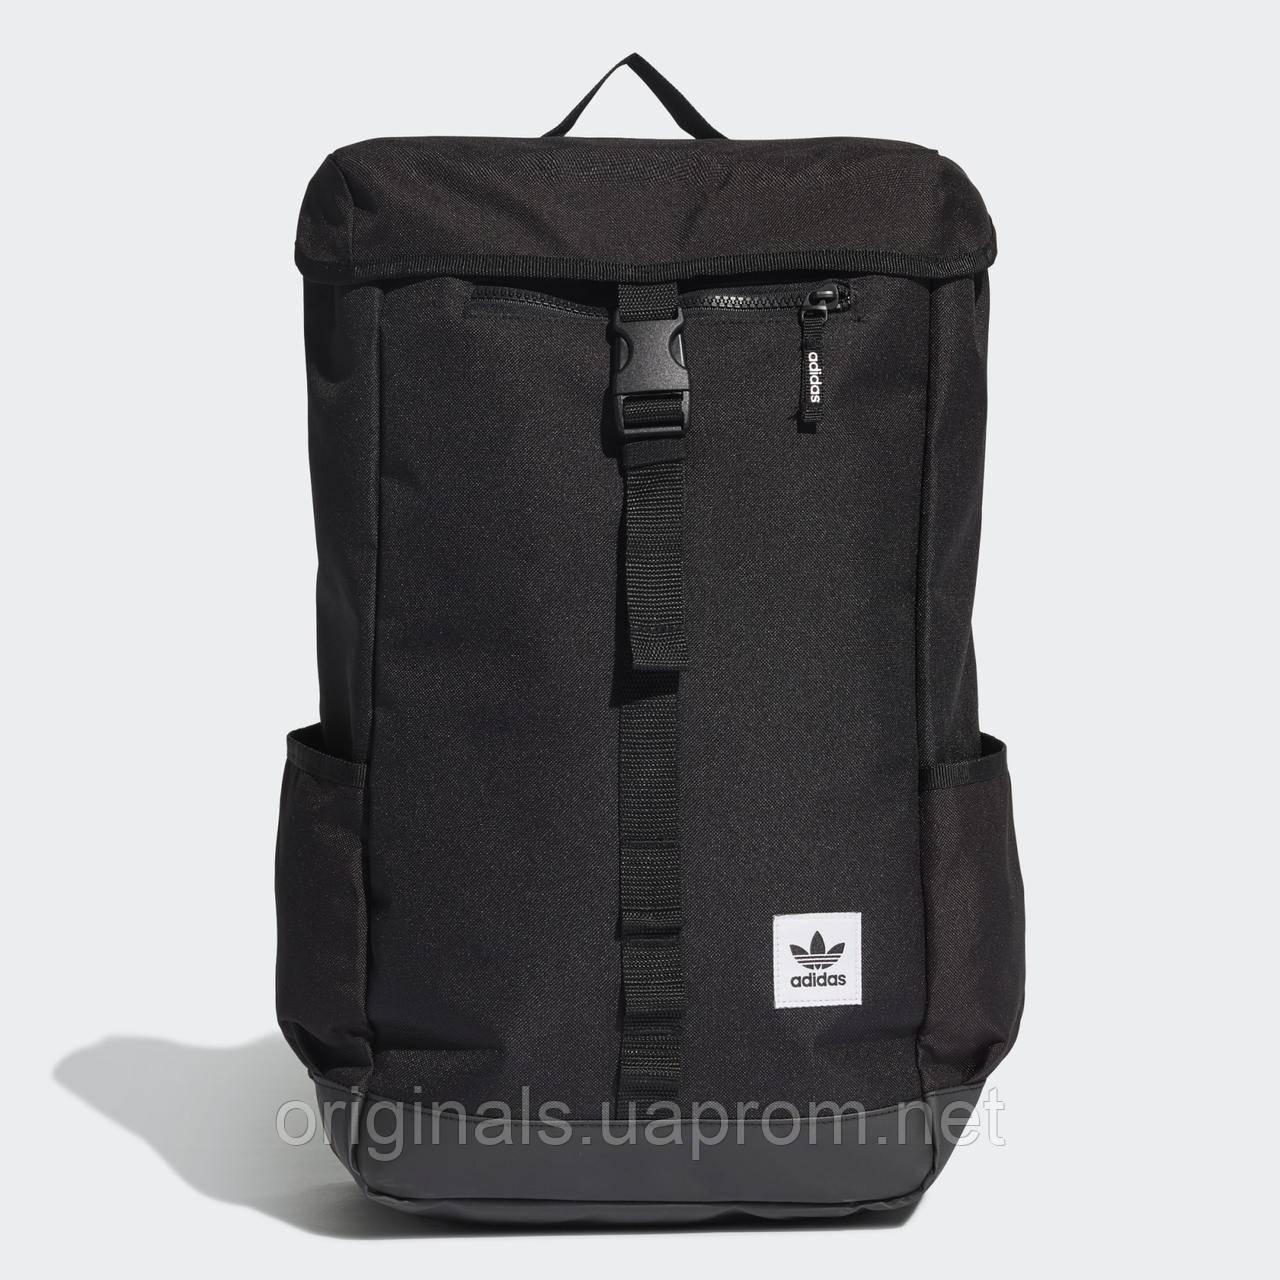 Рюкзак adidas Premium Essentials Top ED8021